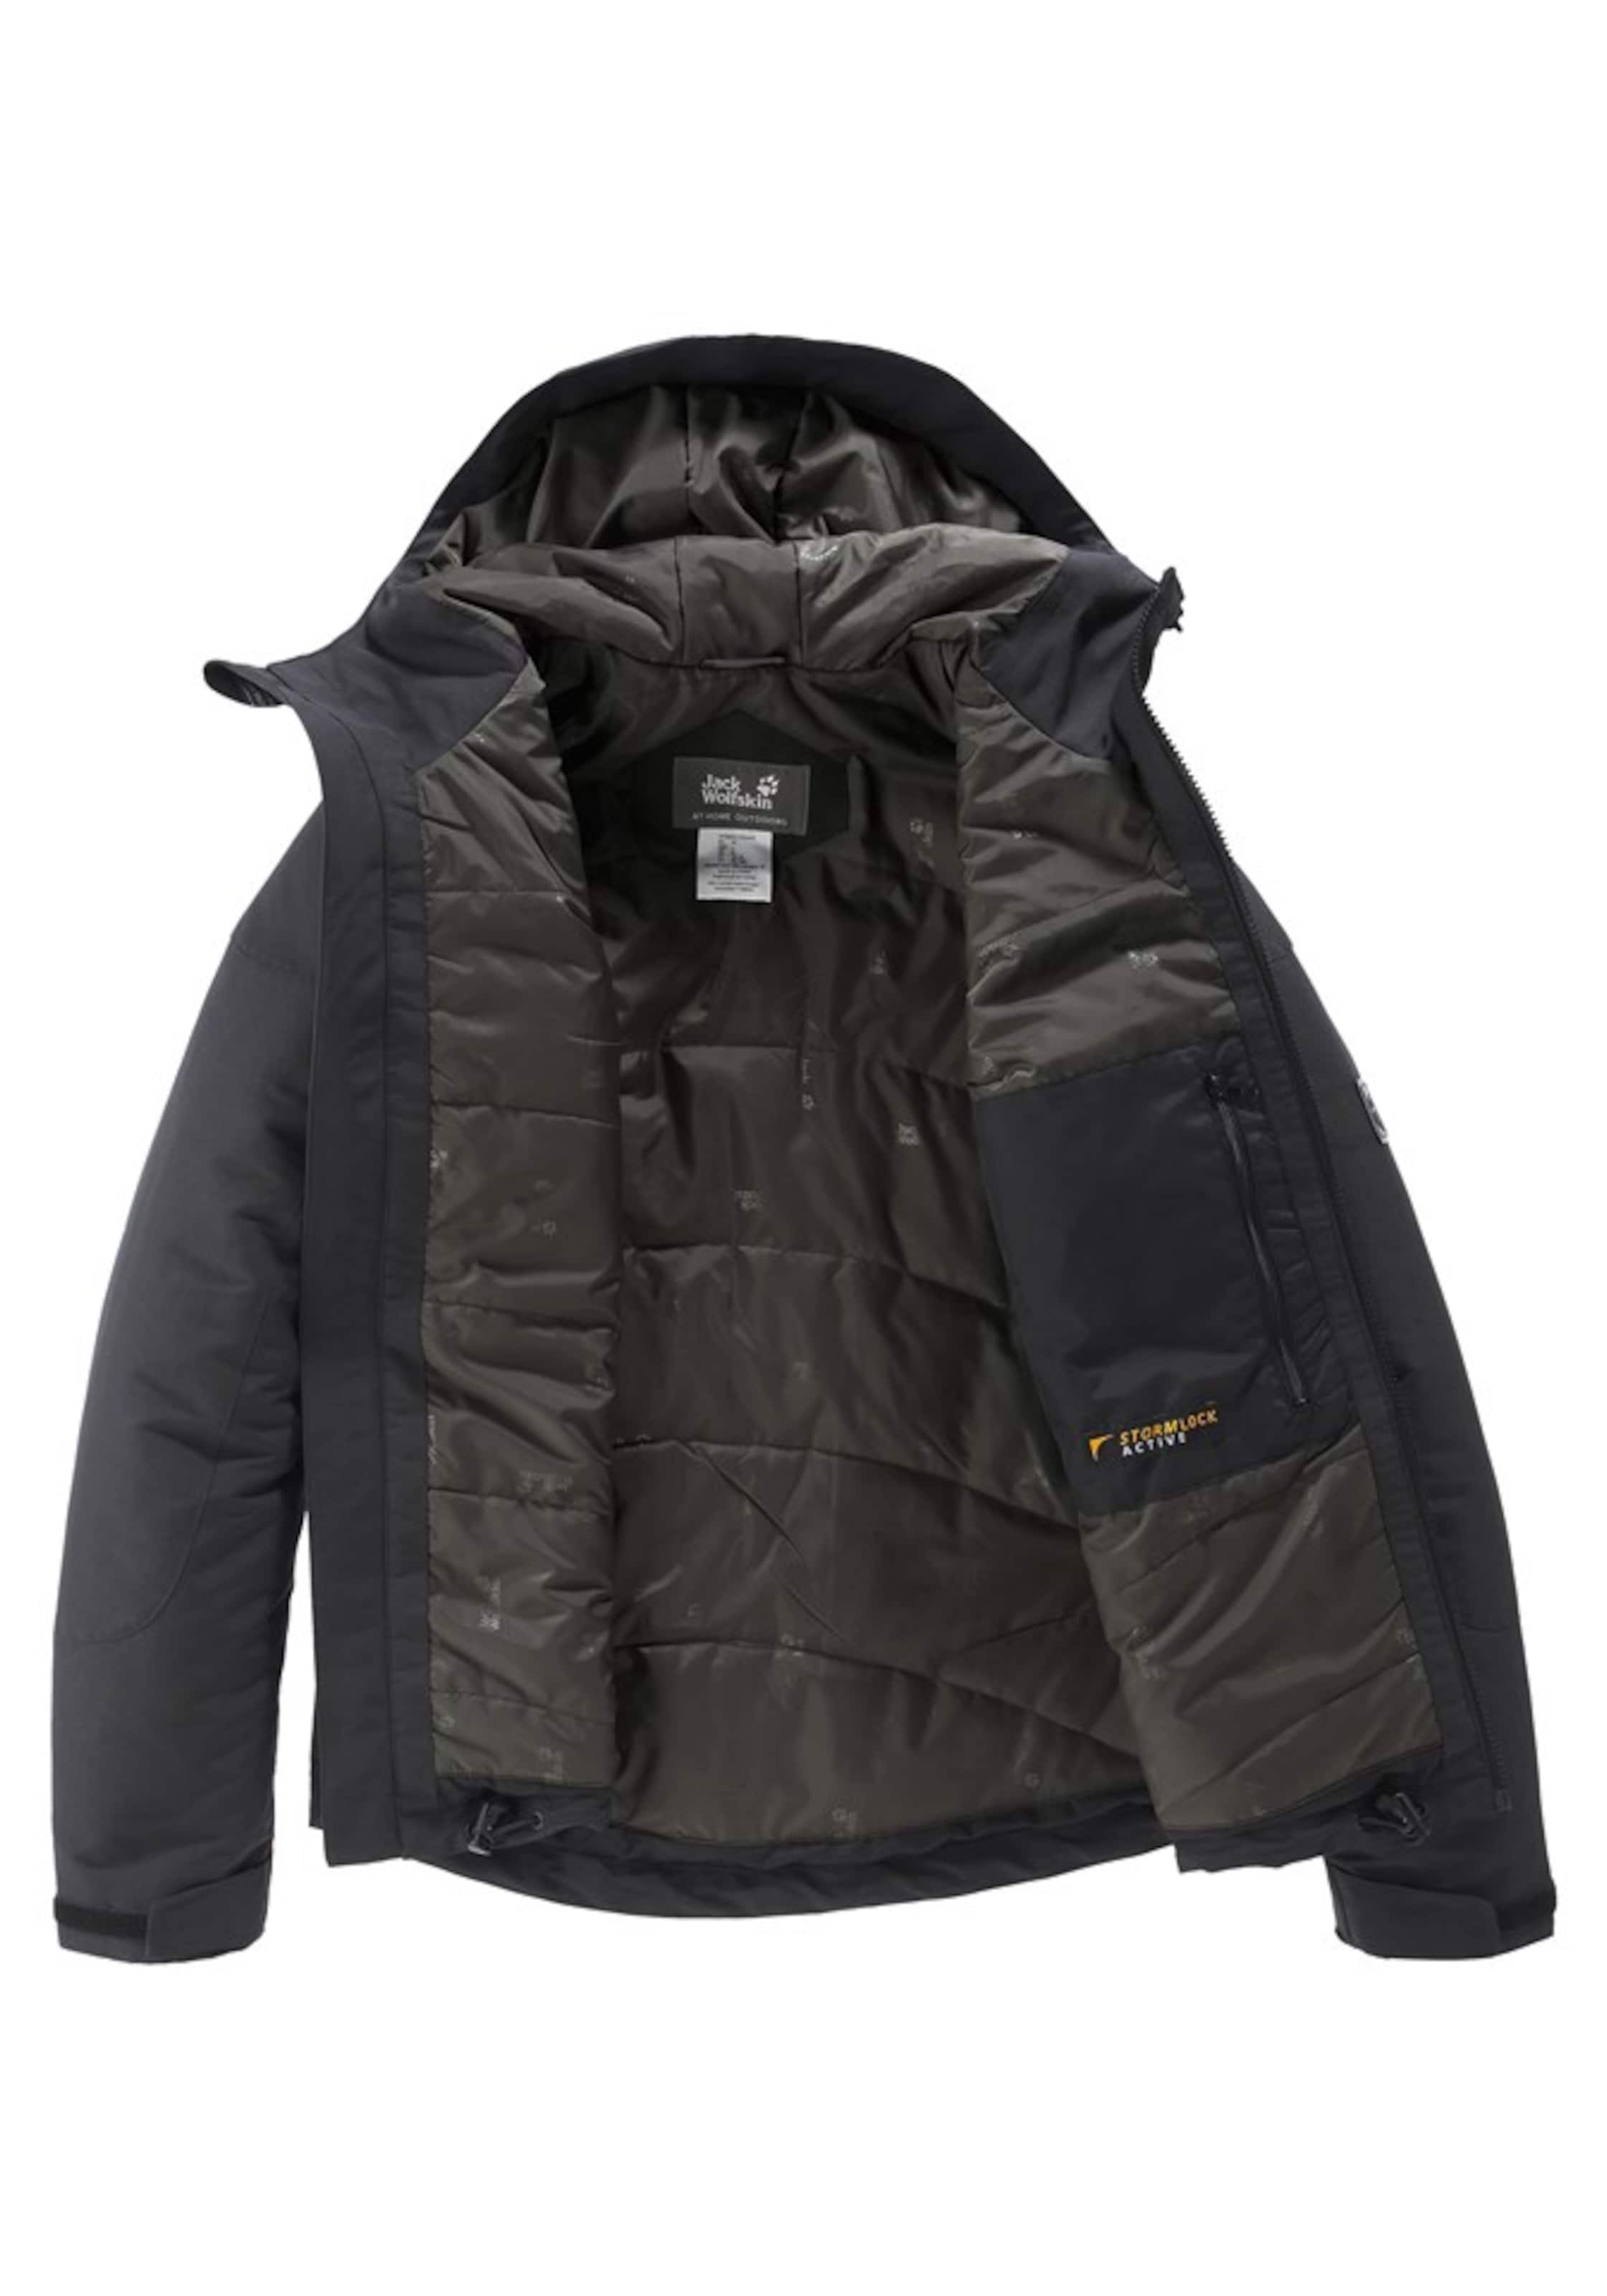 JACK WOLFSKIN Ranua Jacket Women Funktionsjacke Authentisch Zu Verkaufen nV5D6r